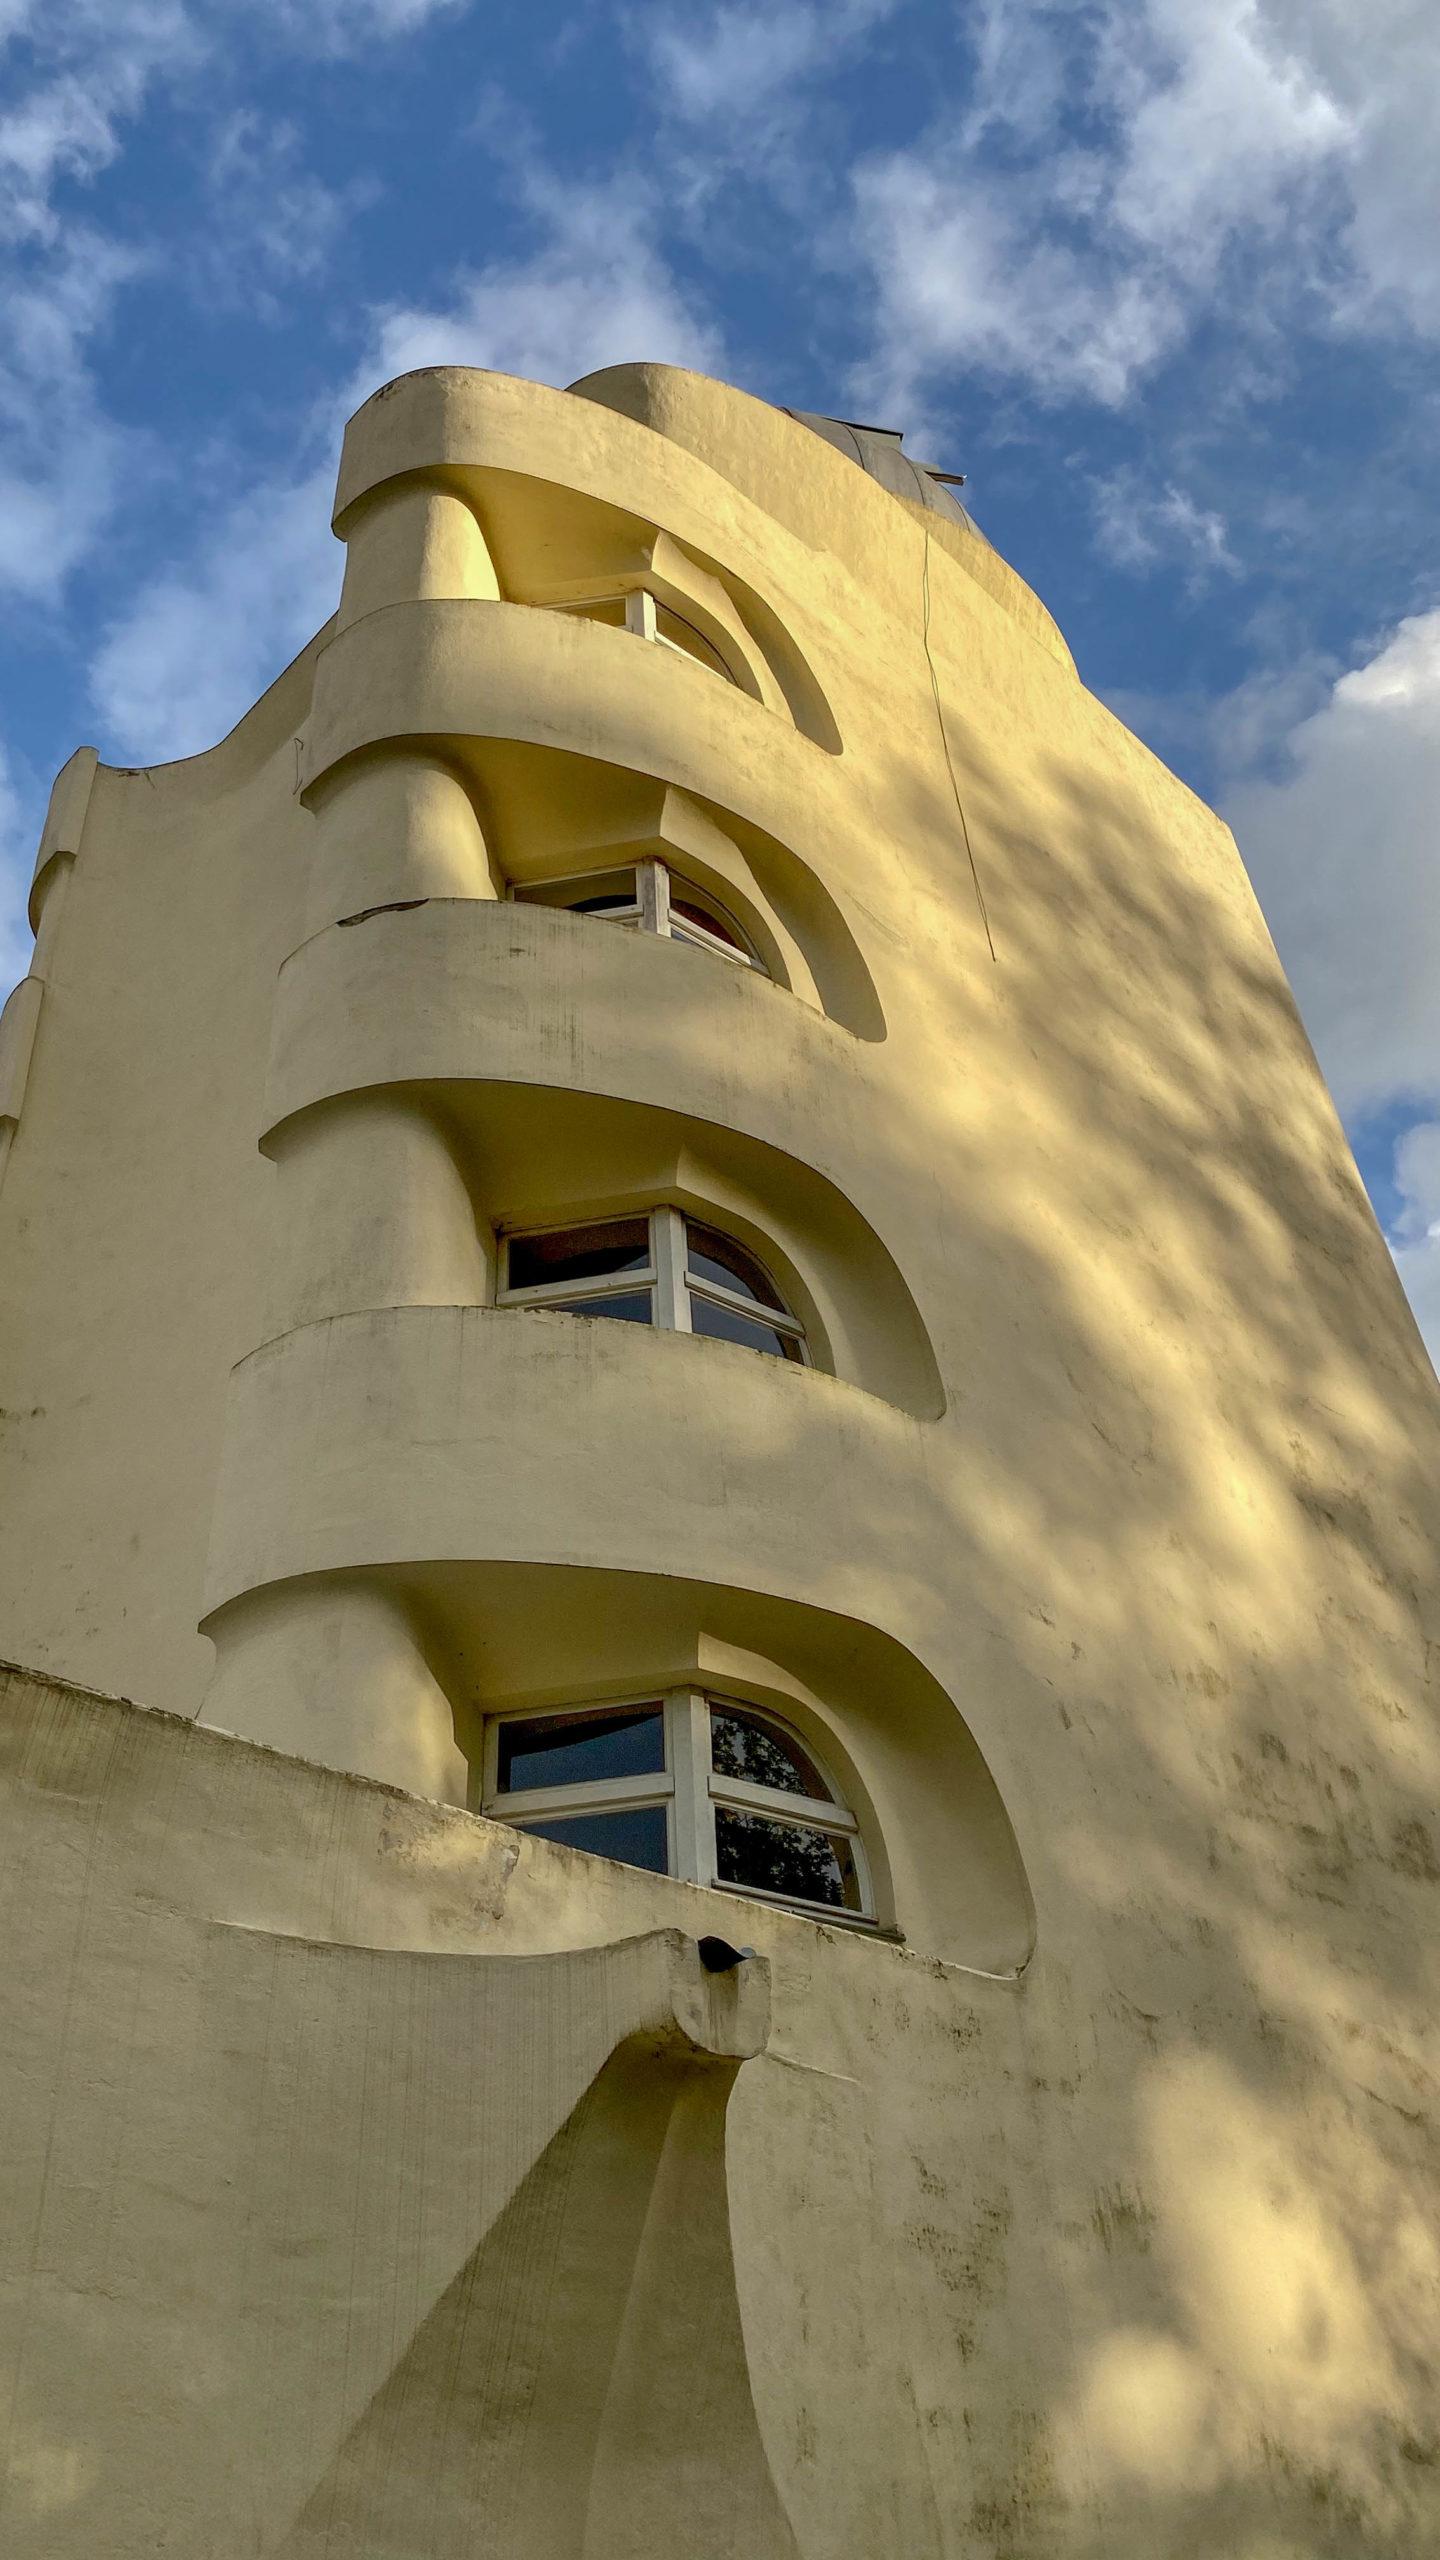 Einstein Tower, 1919-1924. Architect: Erich Mendelsohn